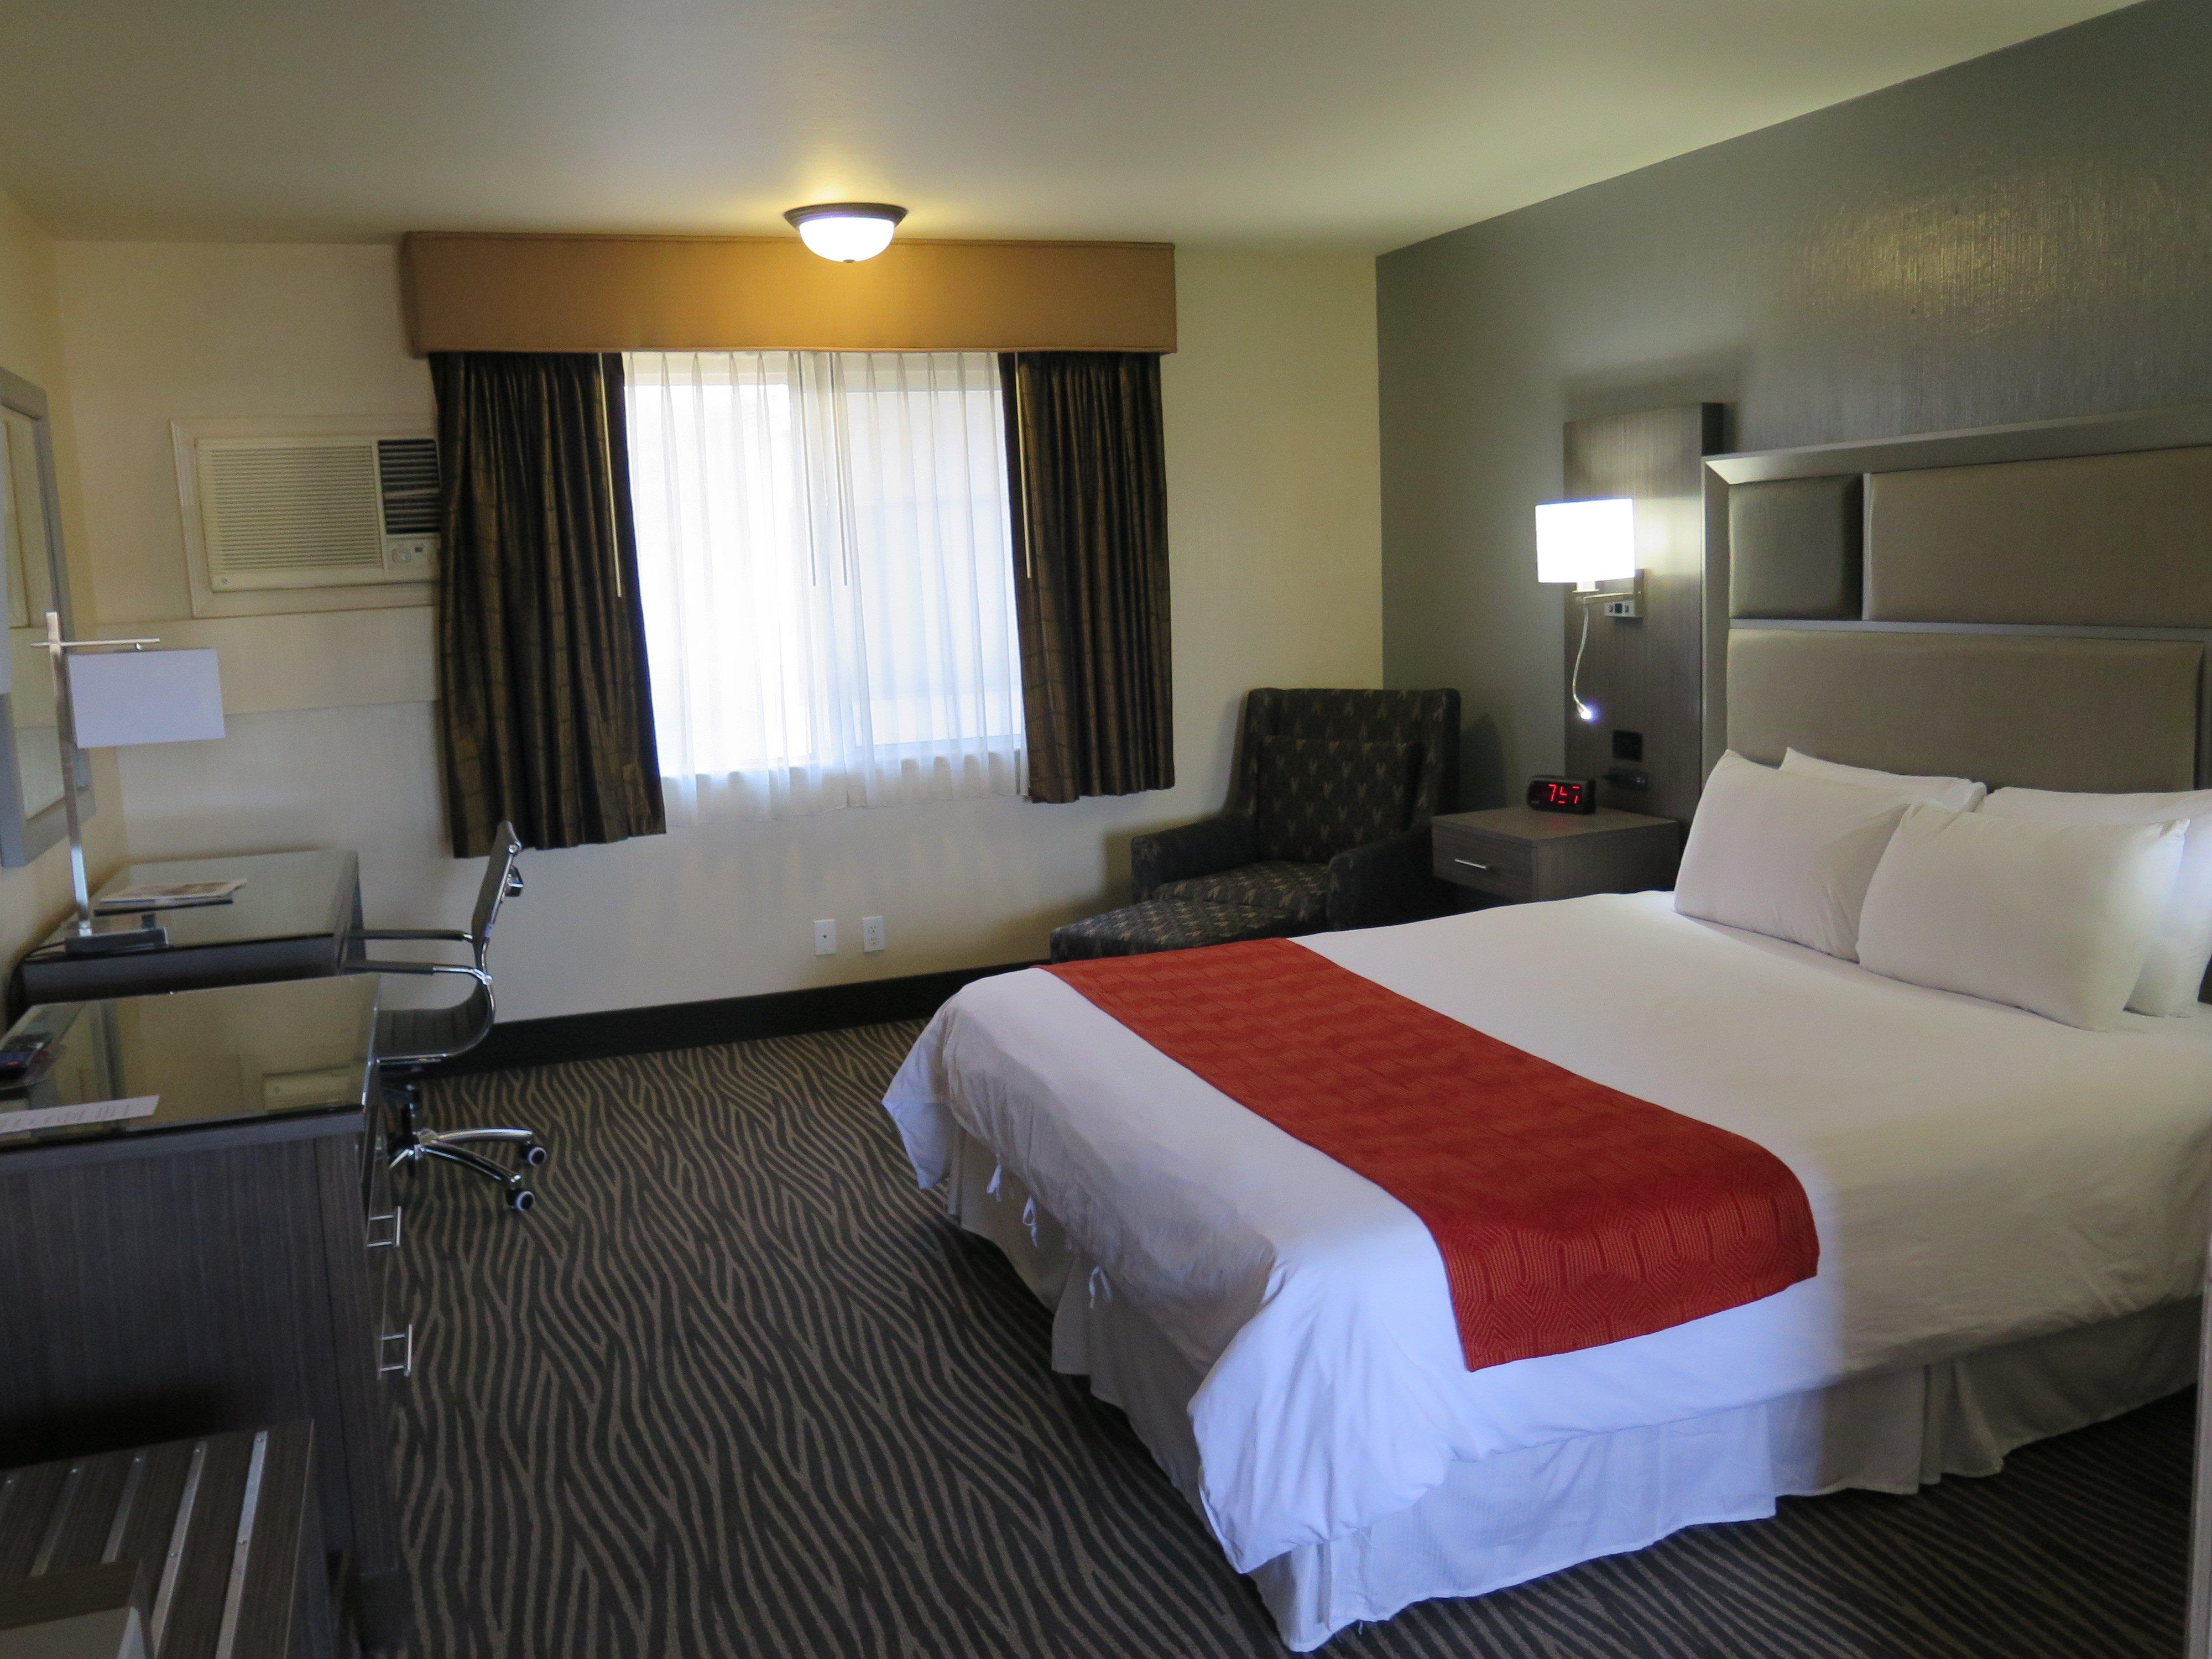 ボナンザ イン マグナソン グランド ホテル